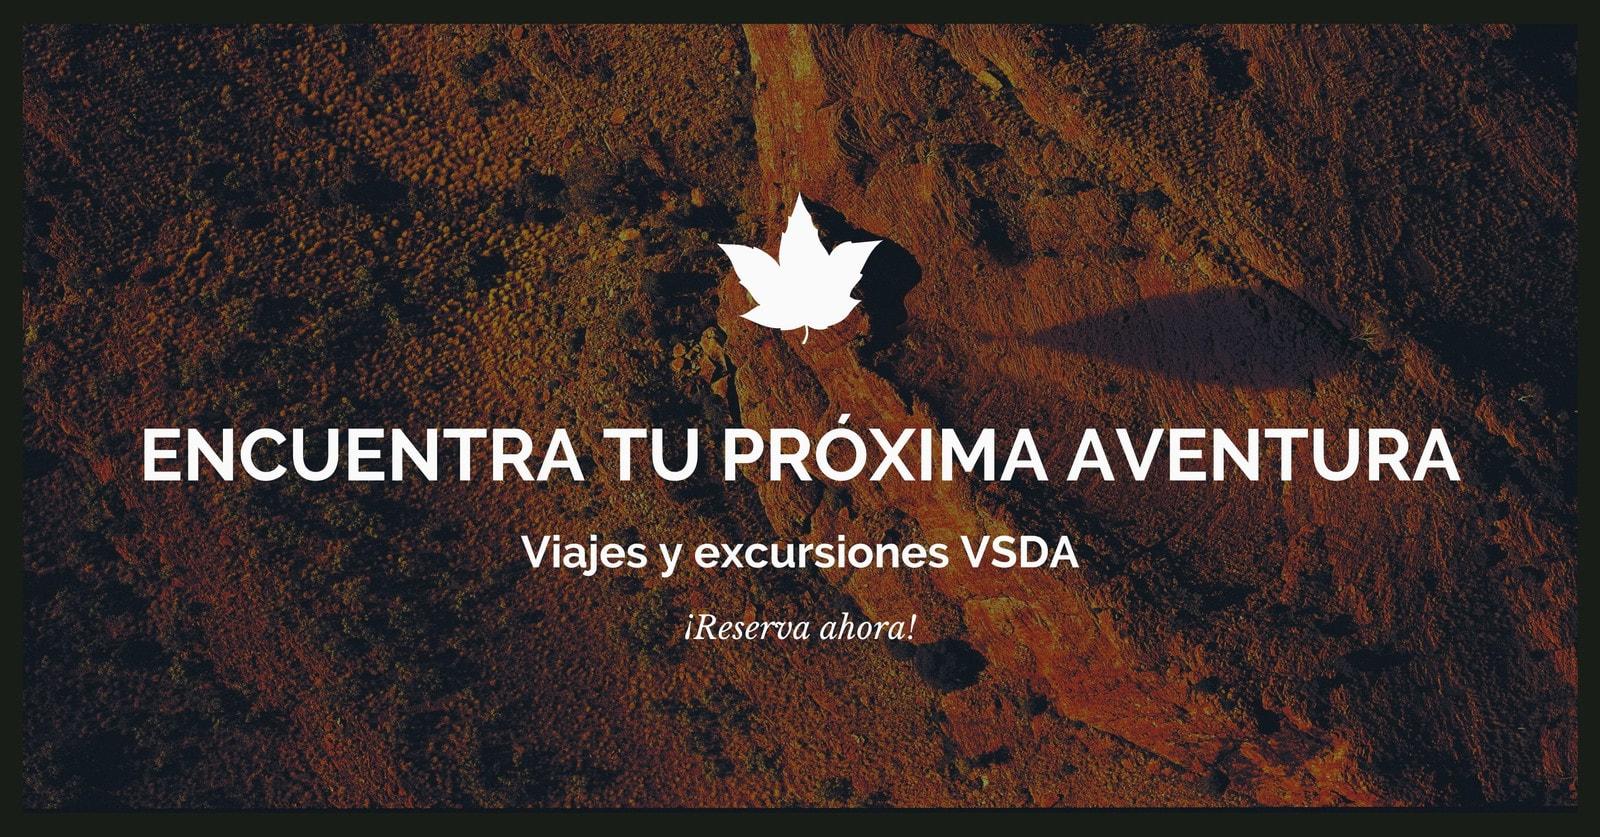 Marrón Foto Viajes Facebook Anuncio